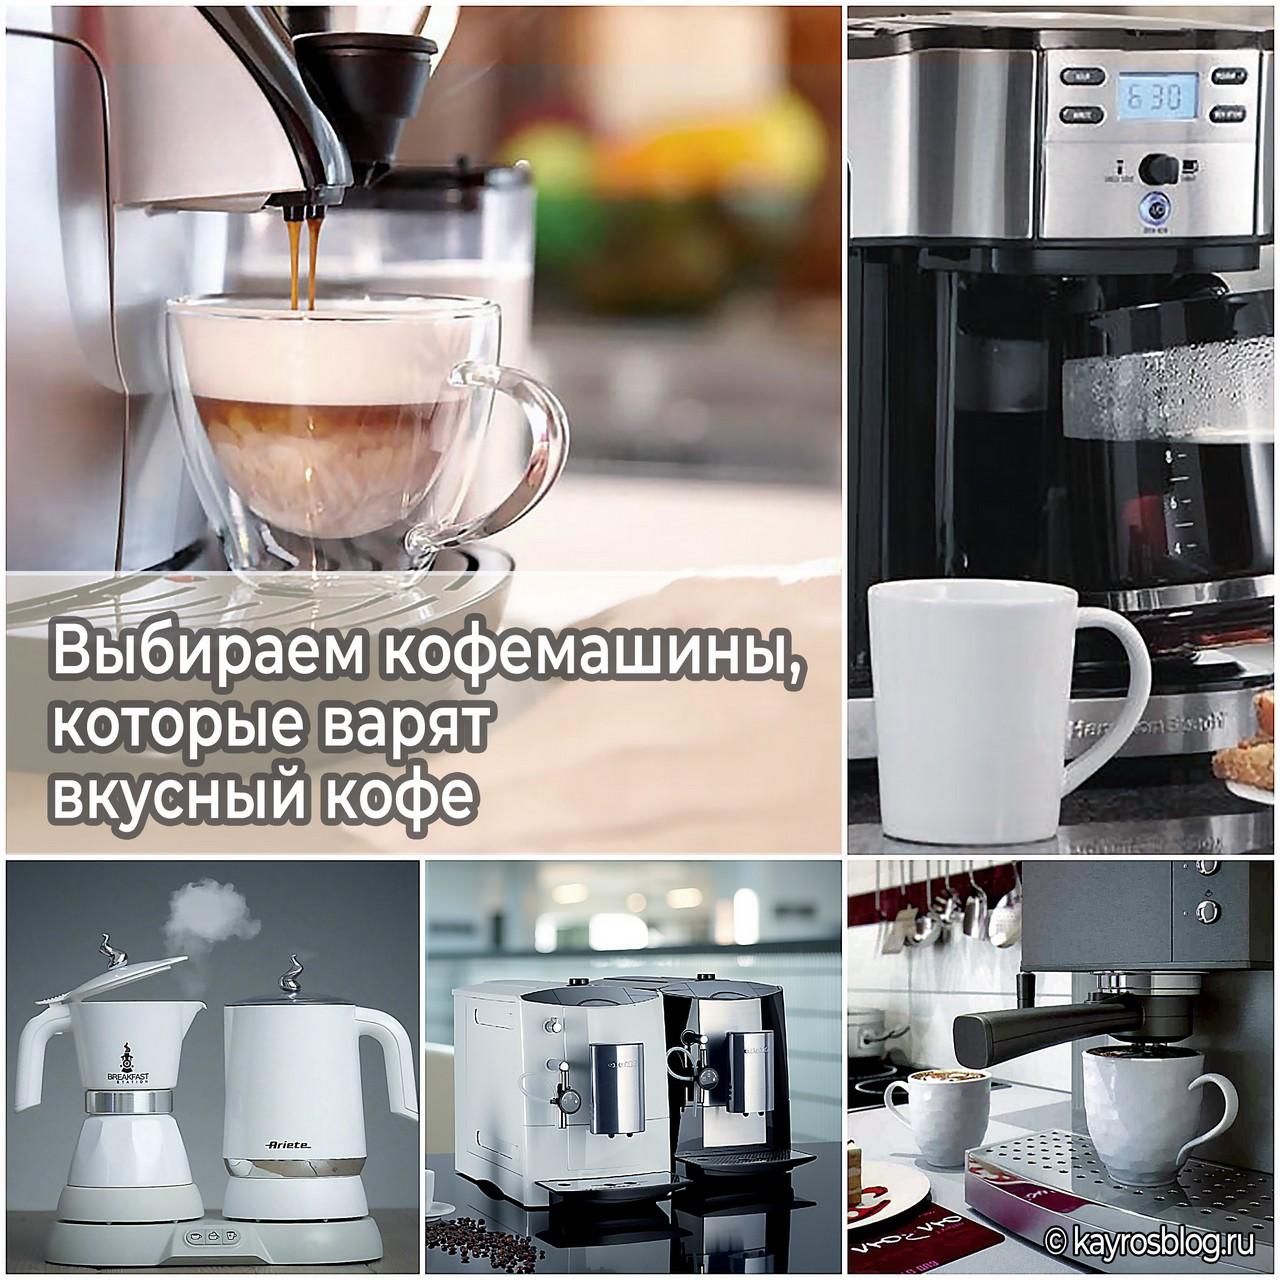 Выбираем кофемашины, которые варят вкусный кофе